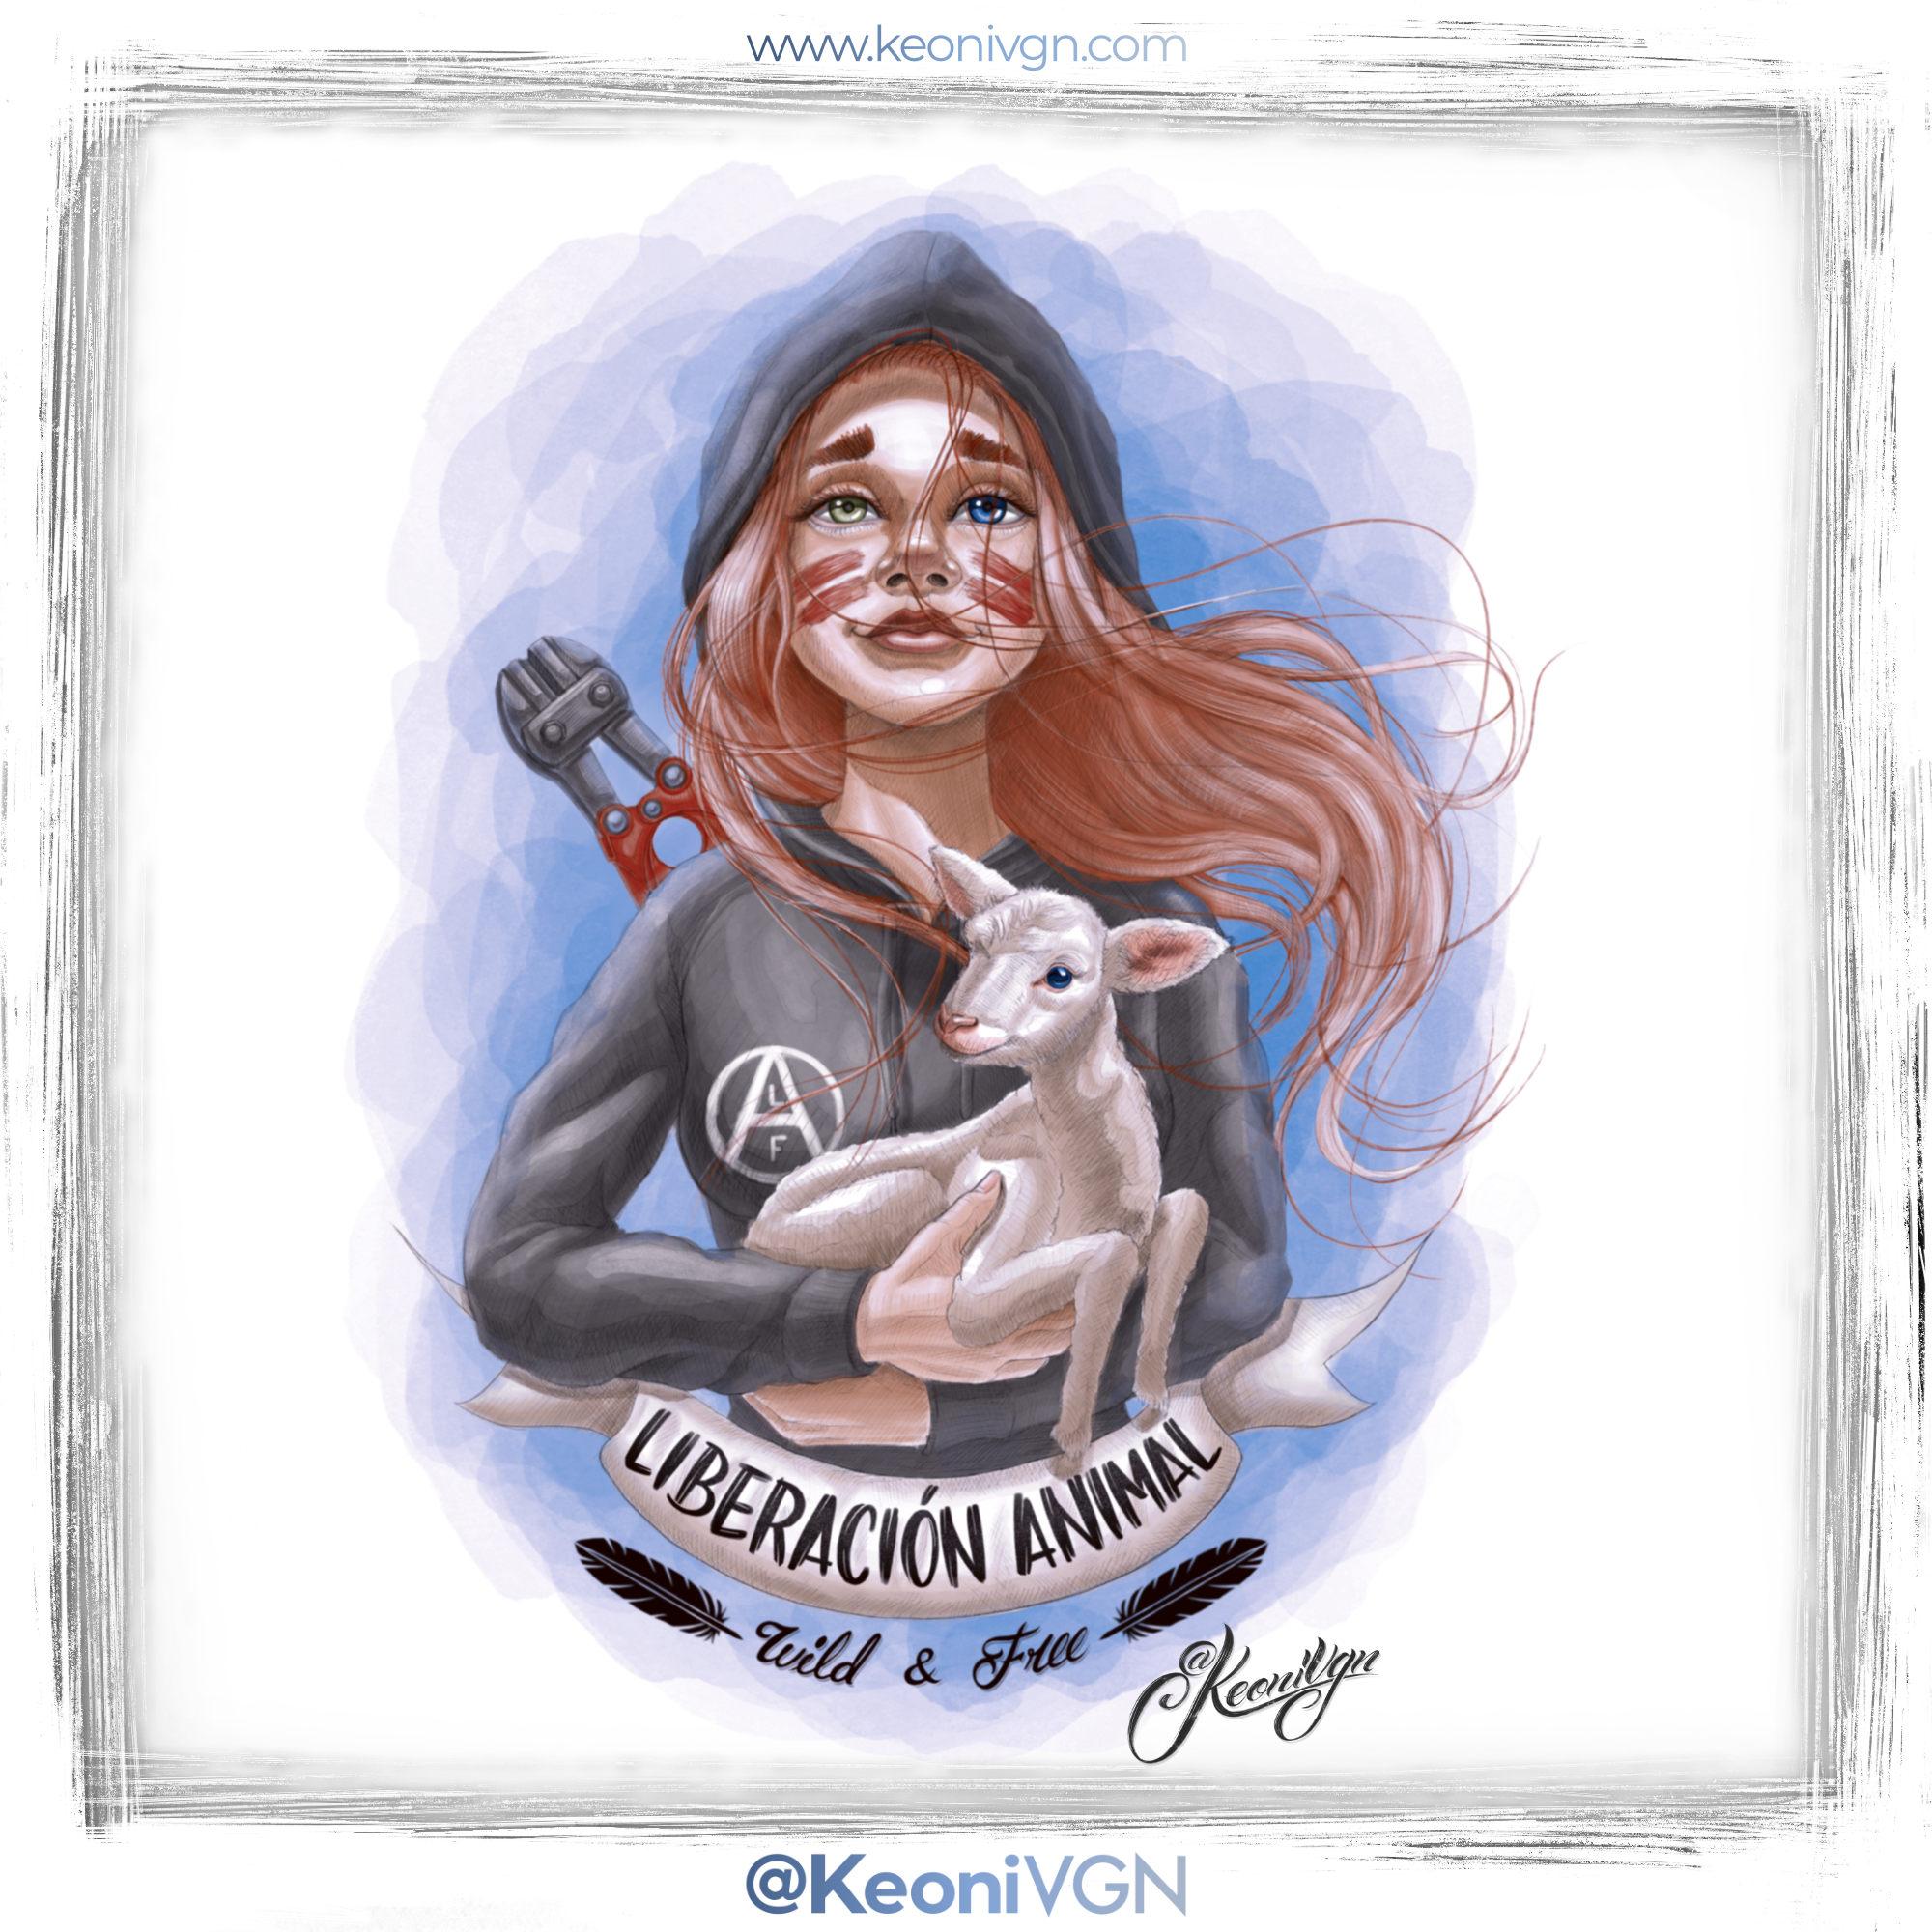 proyecto Activista por la Liberación Animal